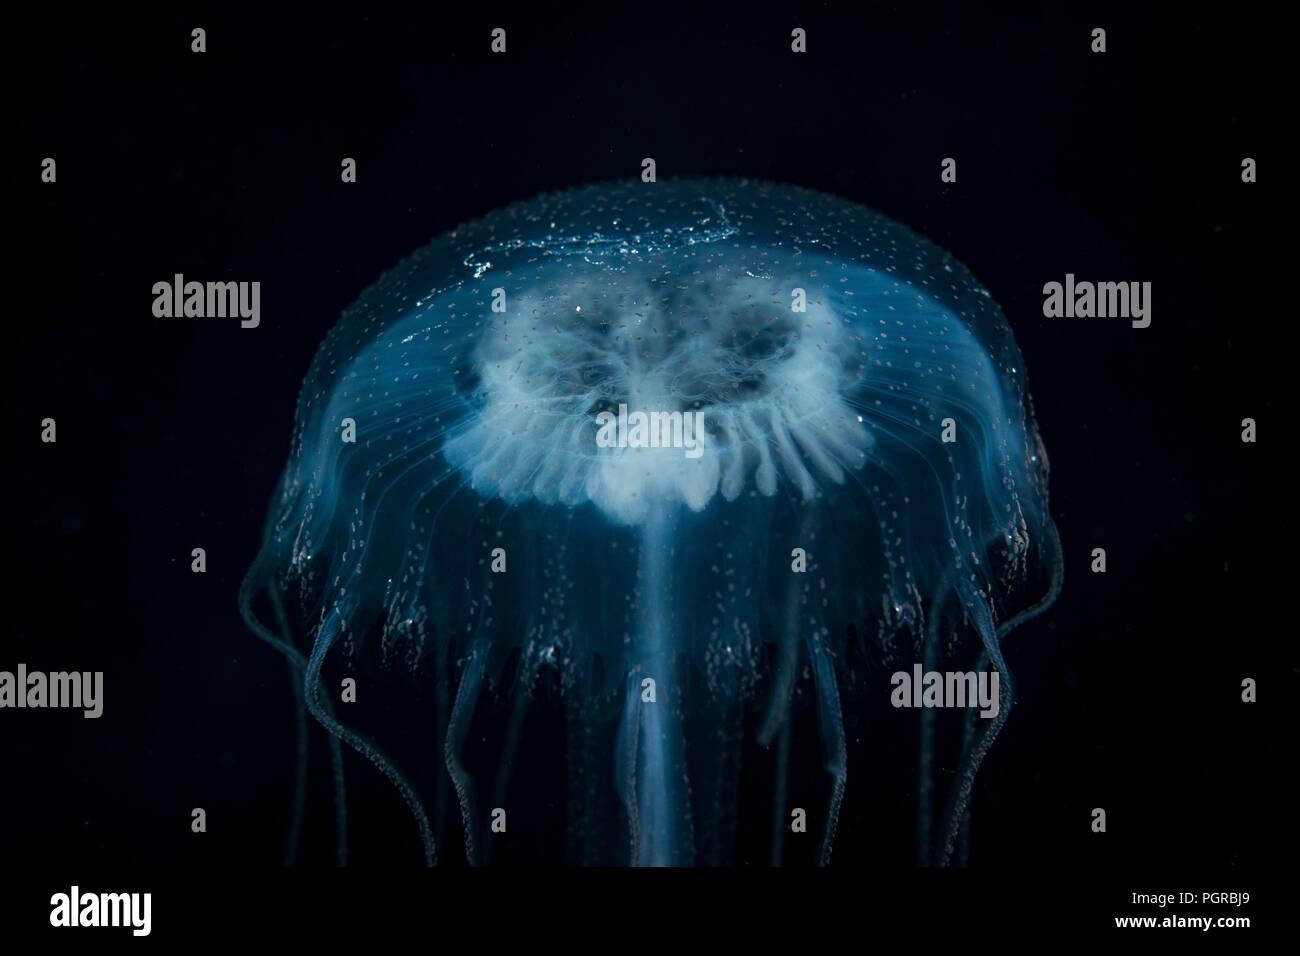 Comune di meduse, Aurelia, ritratto su sfondo nero, preso il deep sea in Egitto Immagini Stock